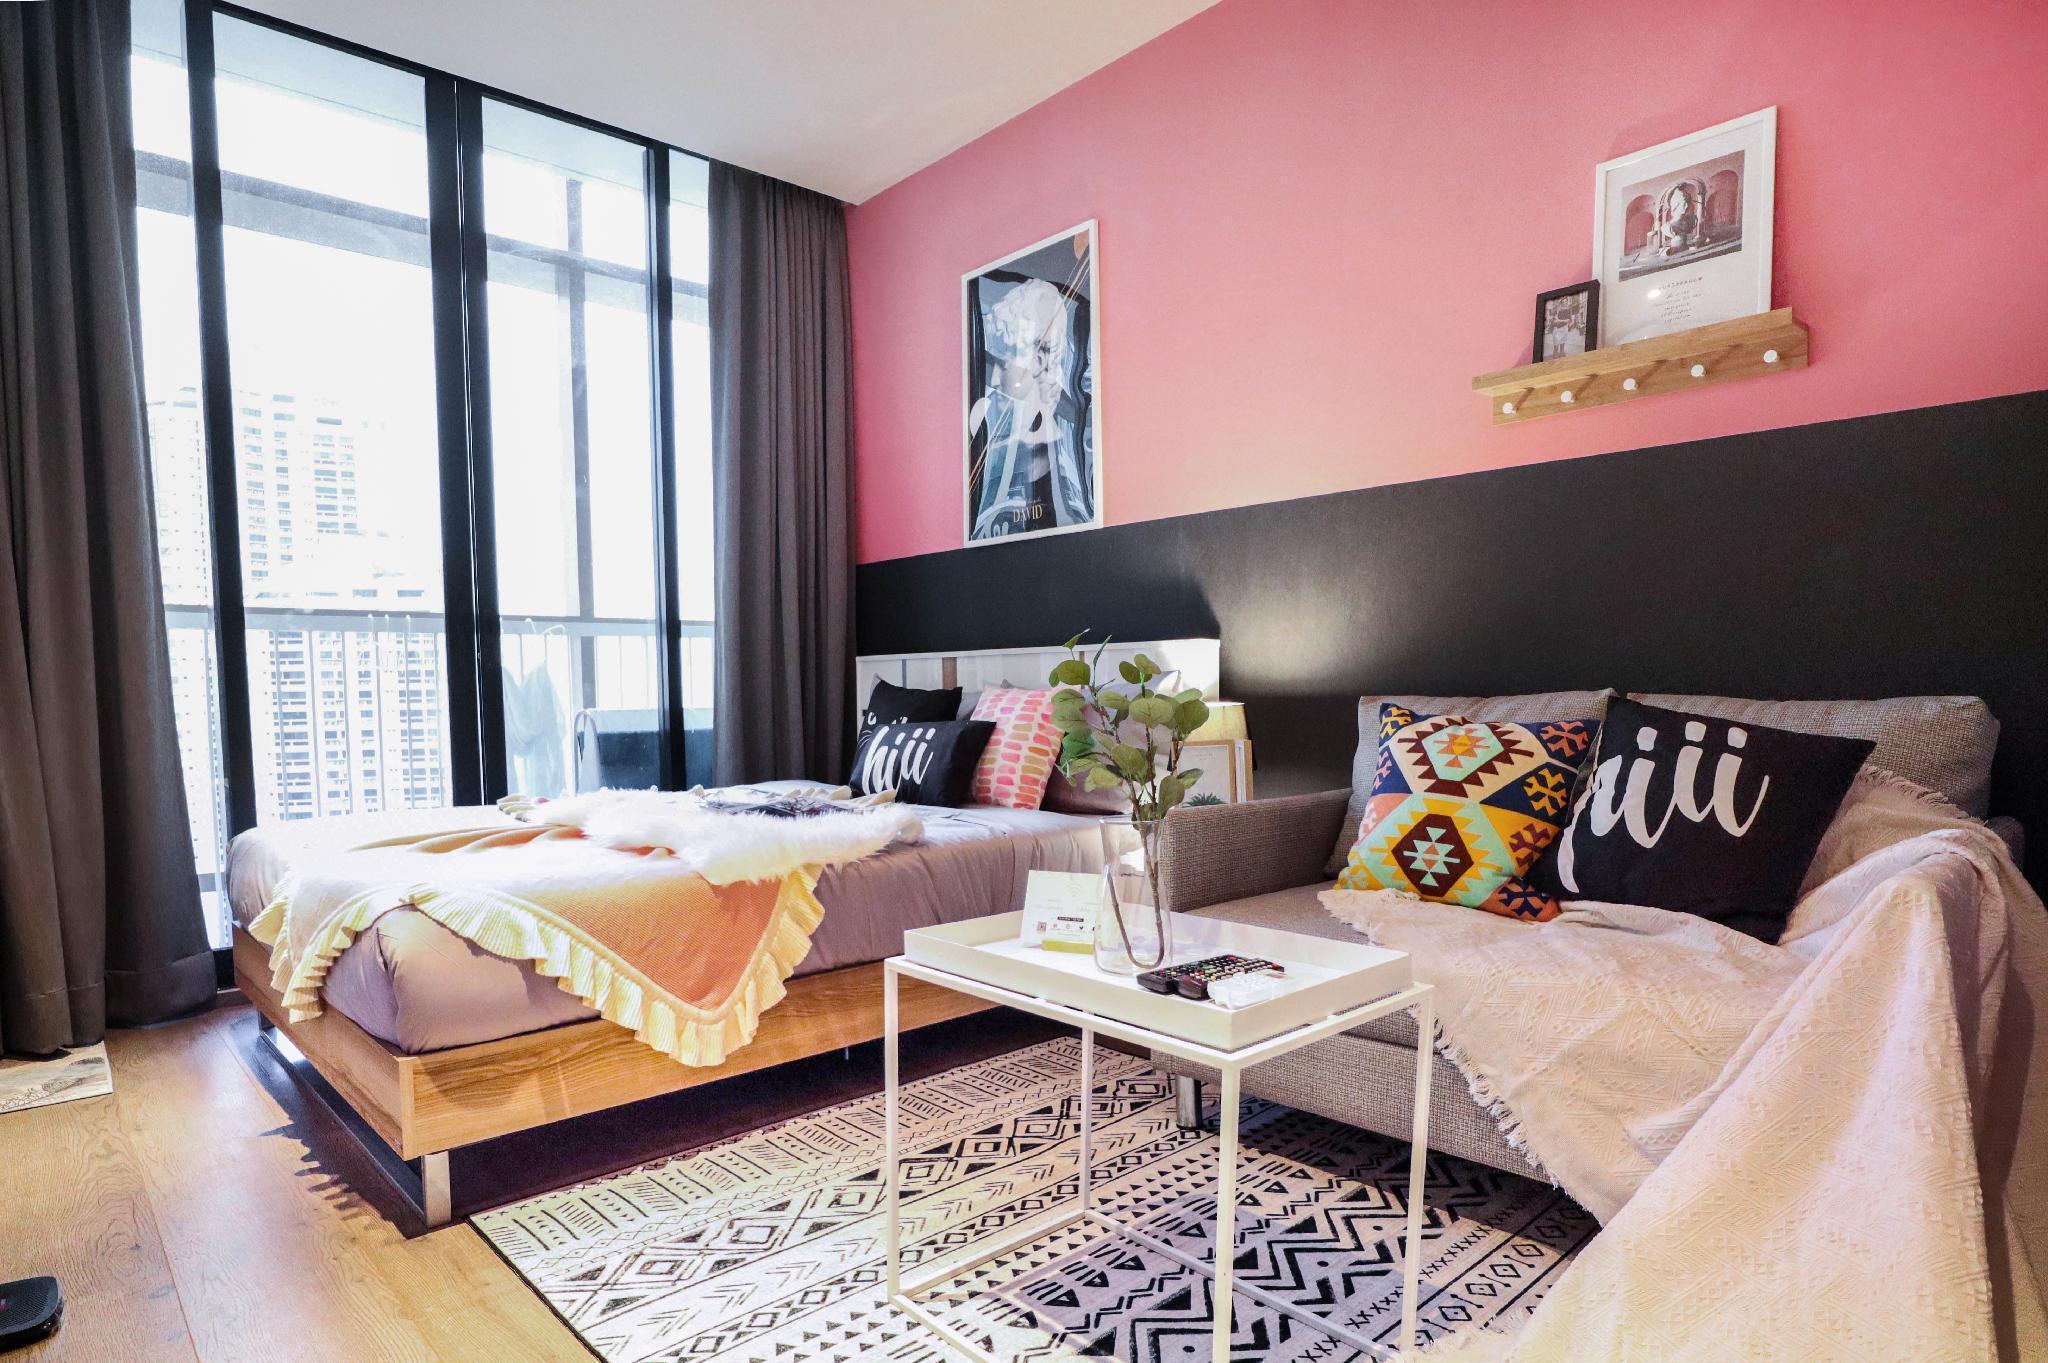 hiii GorgeousSunsetView At23F/Gym-BKK102 อพาร์ตเมนต์ 1 ห้องนอน 1 ห้องน้ำส่วนตัว ขนาด 29 ตร.ม. – สุขุมวิท